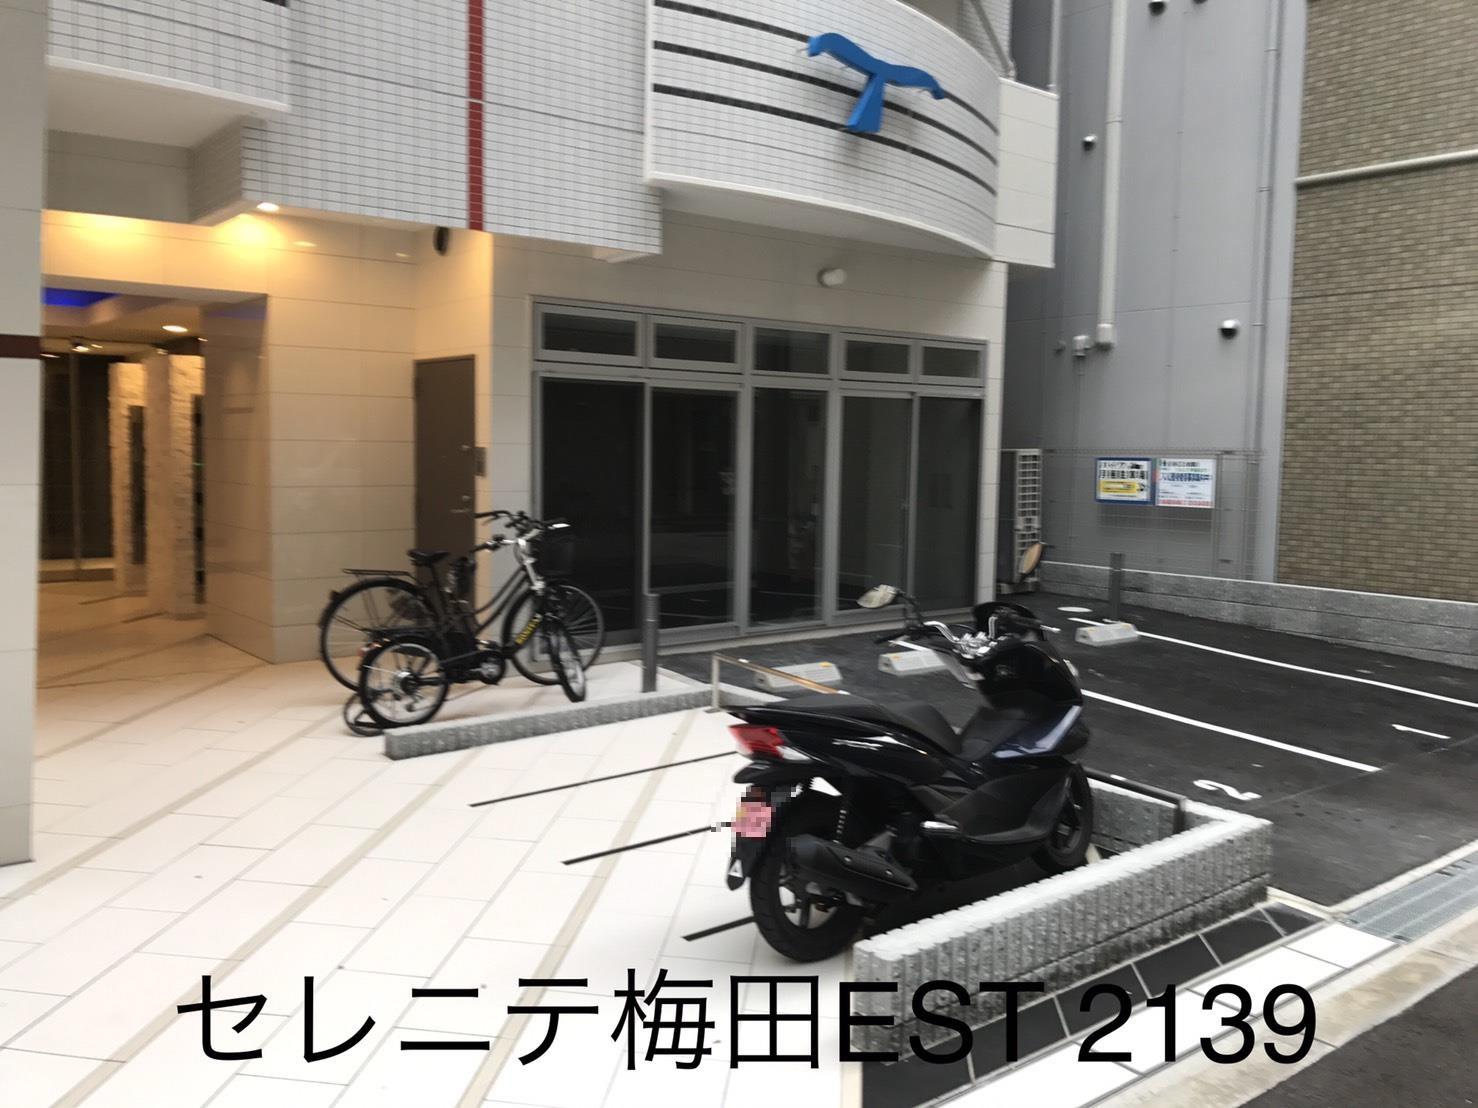 月極駐車場 セレニテ梅田ESTの写真1